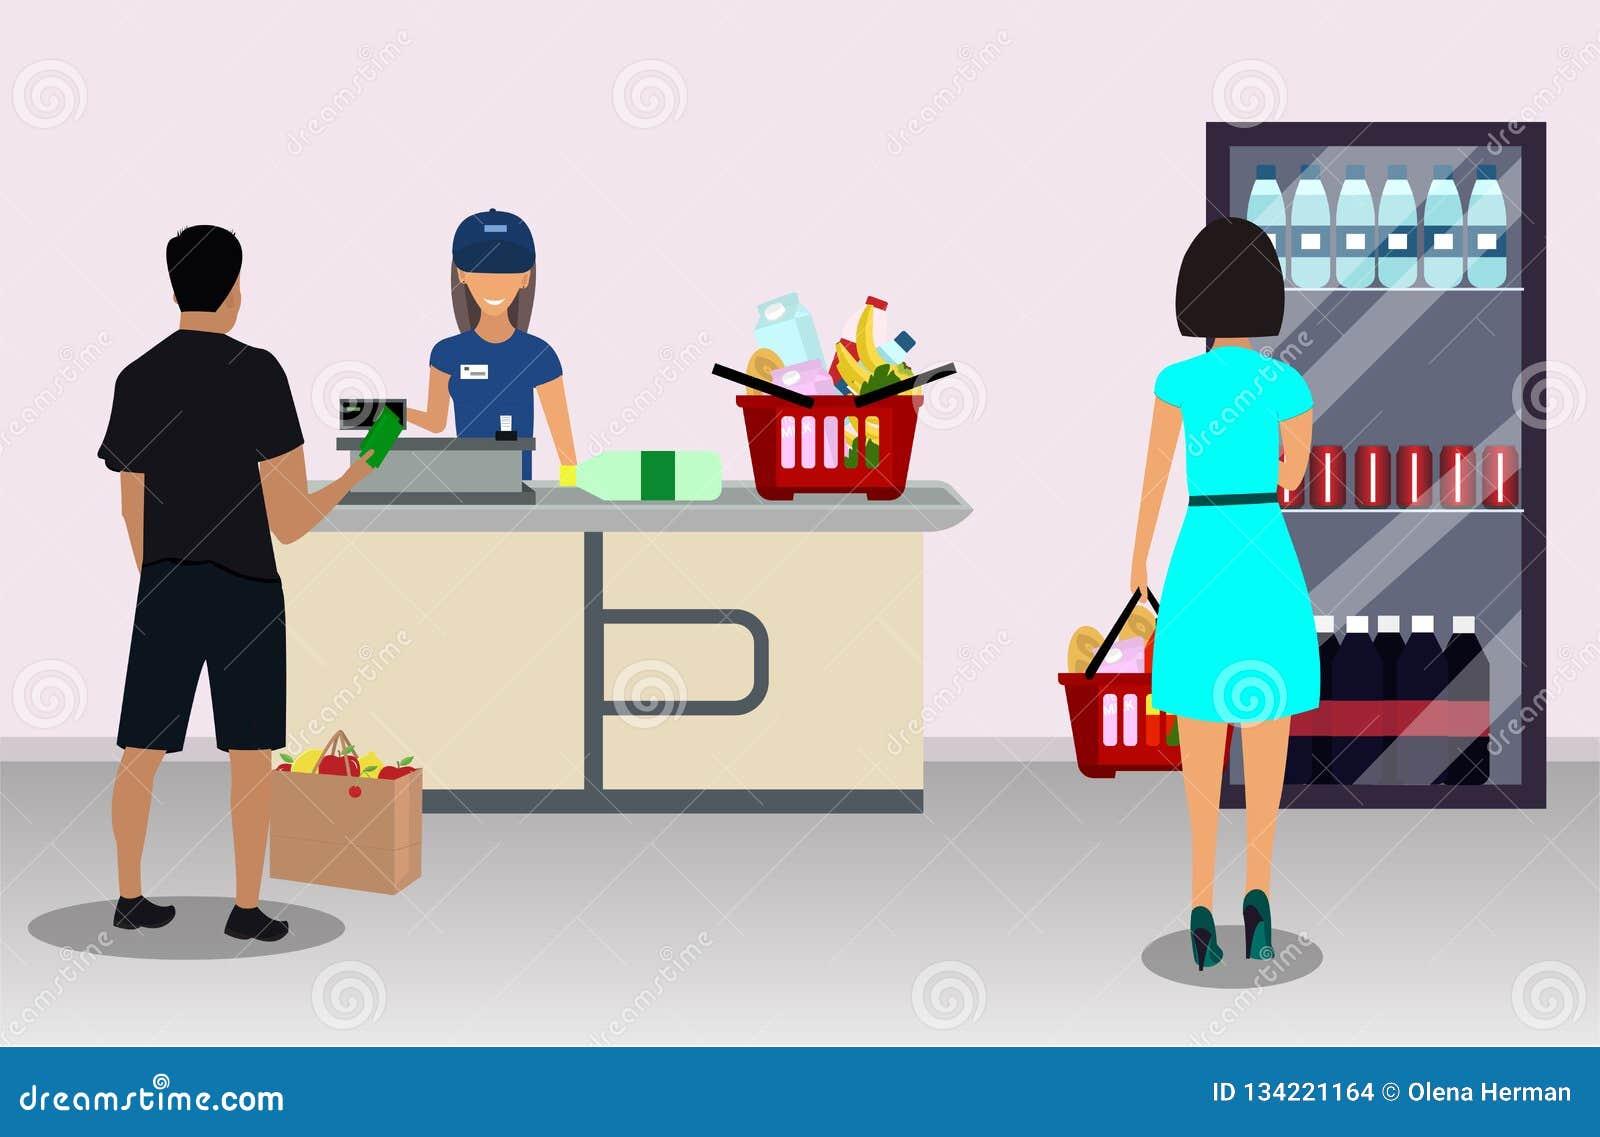 Ταμίας υπεραγορών στον κατάλογο μετρητών και αγοραστής